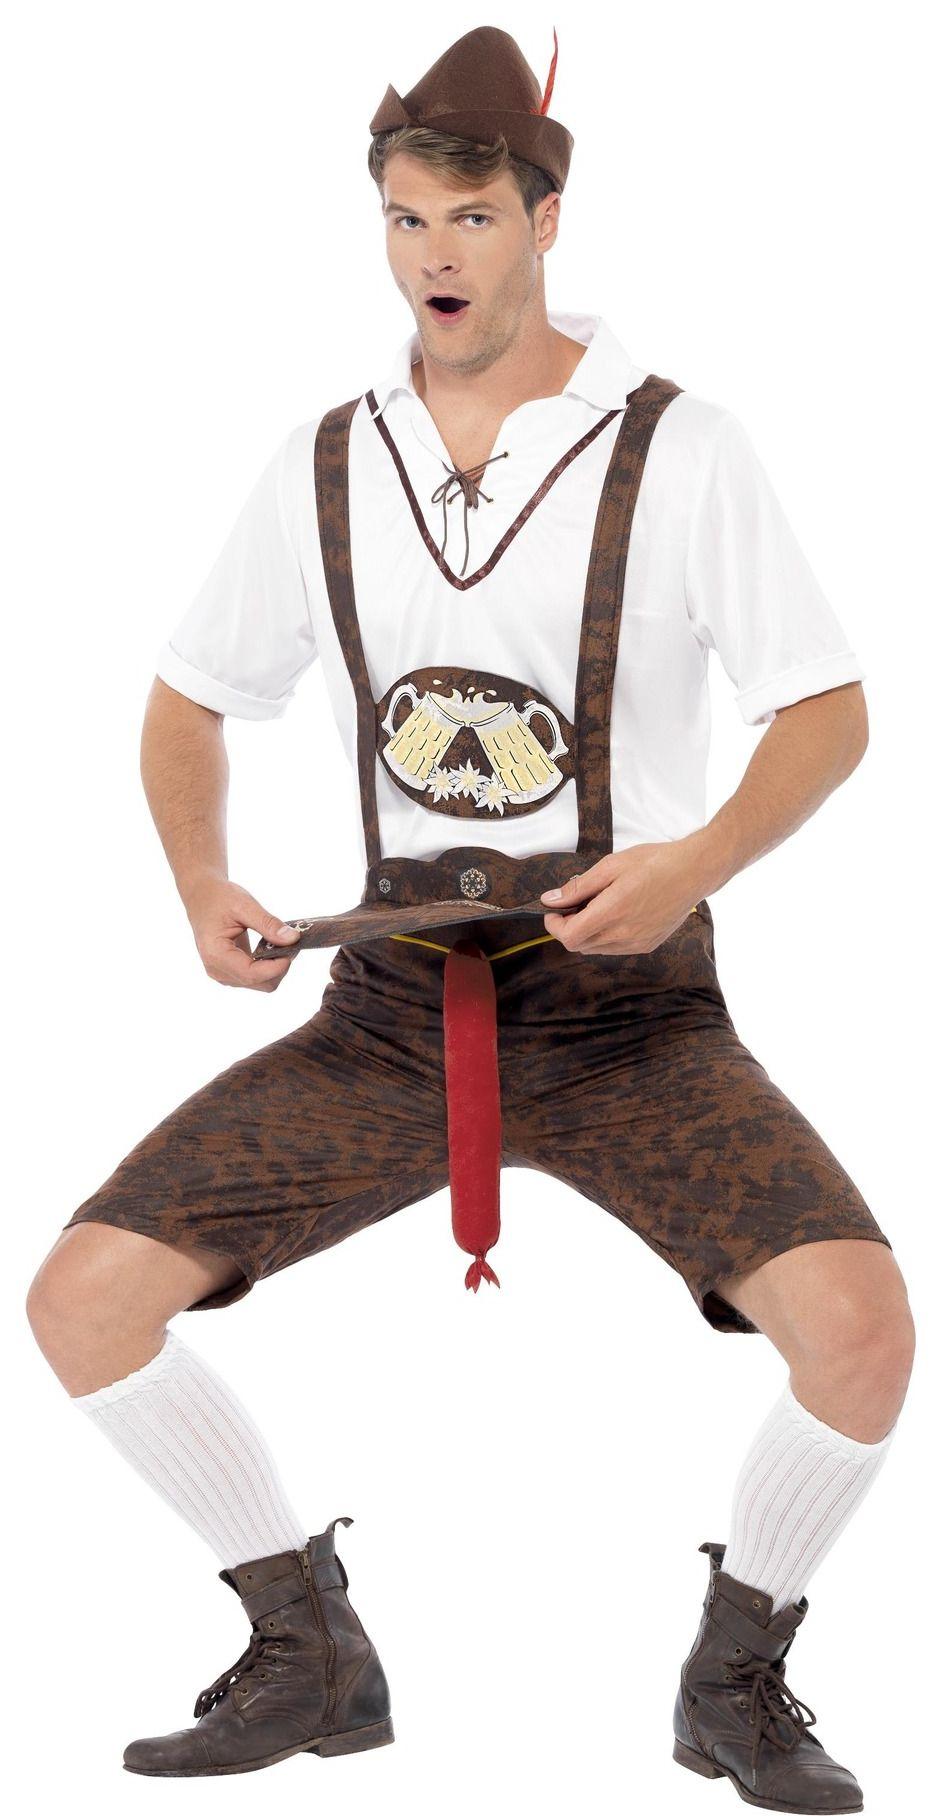 Bruine lederhosen met bratwurst